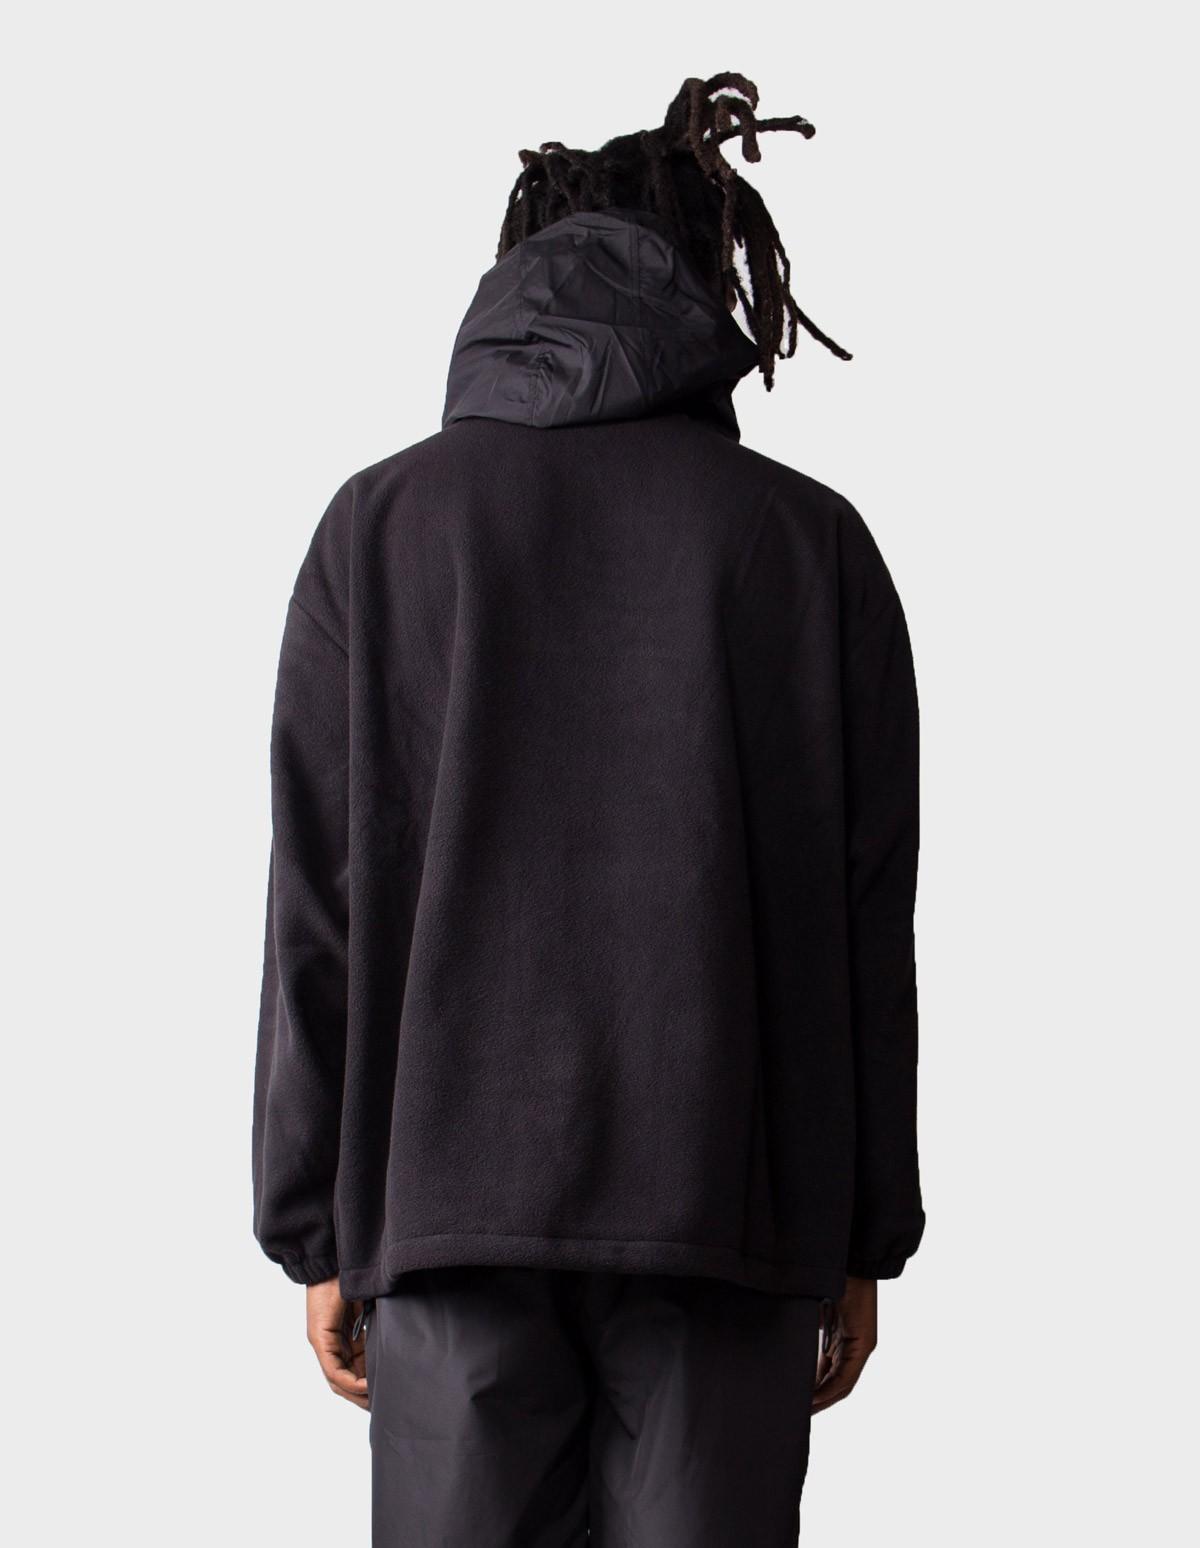 McQ Alexander McQueen Hooded Offspring Top in Darkest Black